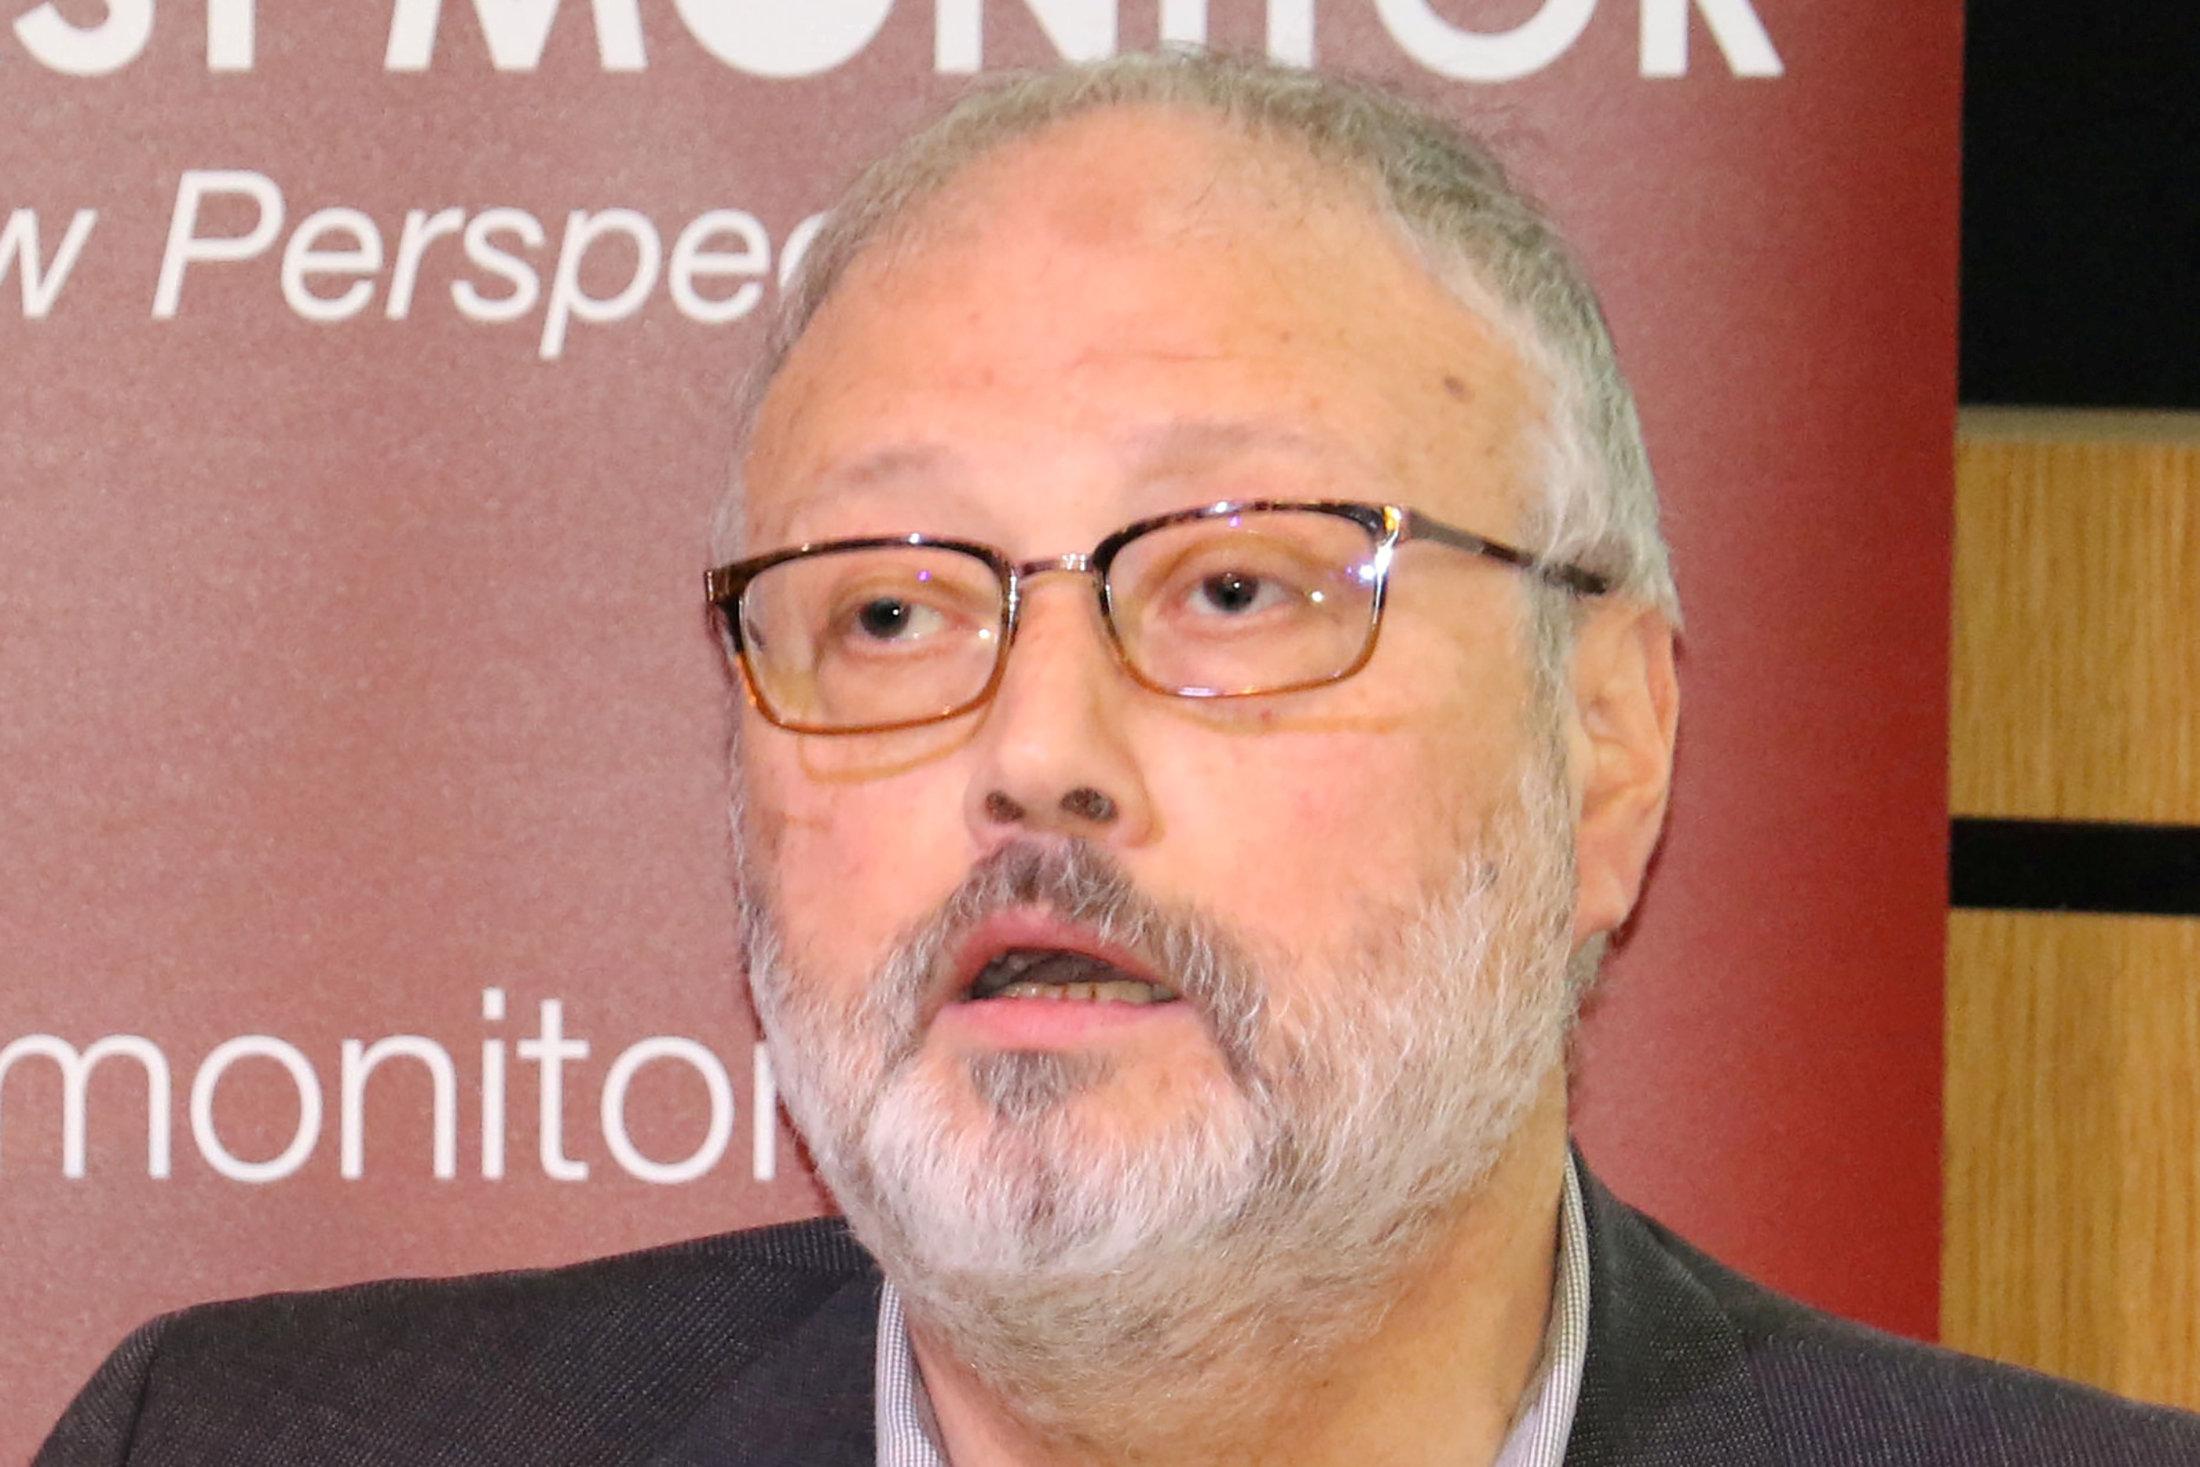 Un informe saudí en preparación reconocería que Jamal Khashoggi murió dentro del consulado en Estambul (Middle East Monitor/via Reuters).